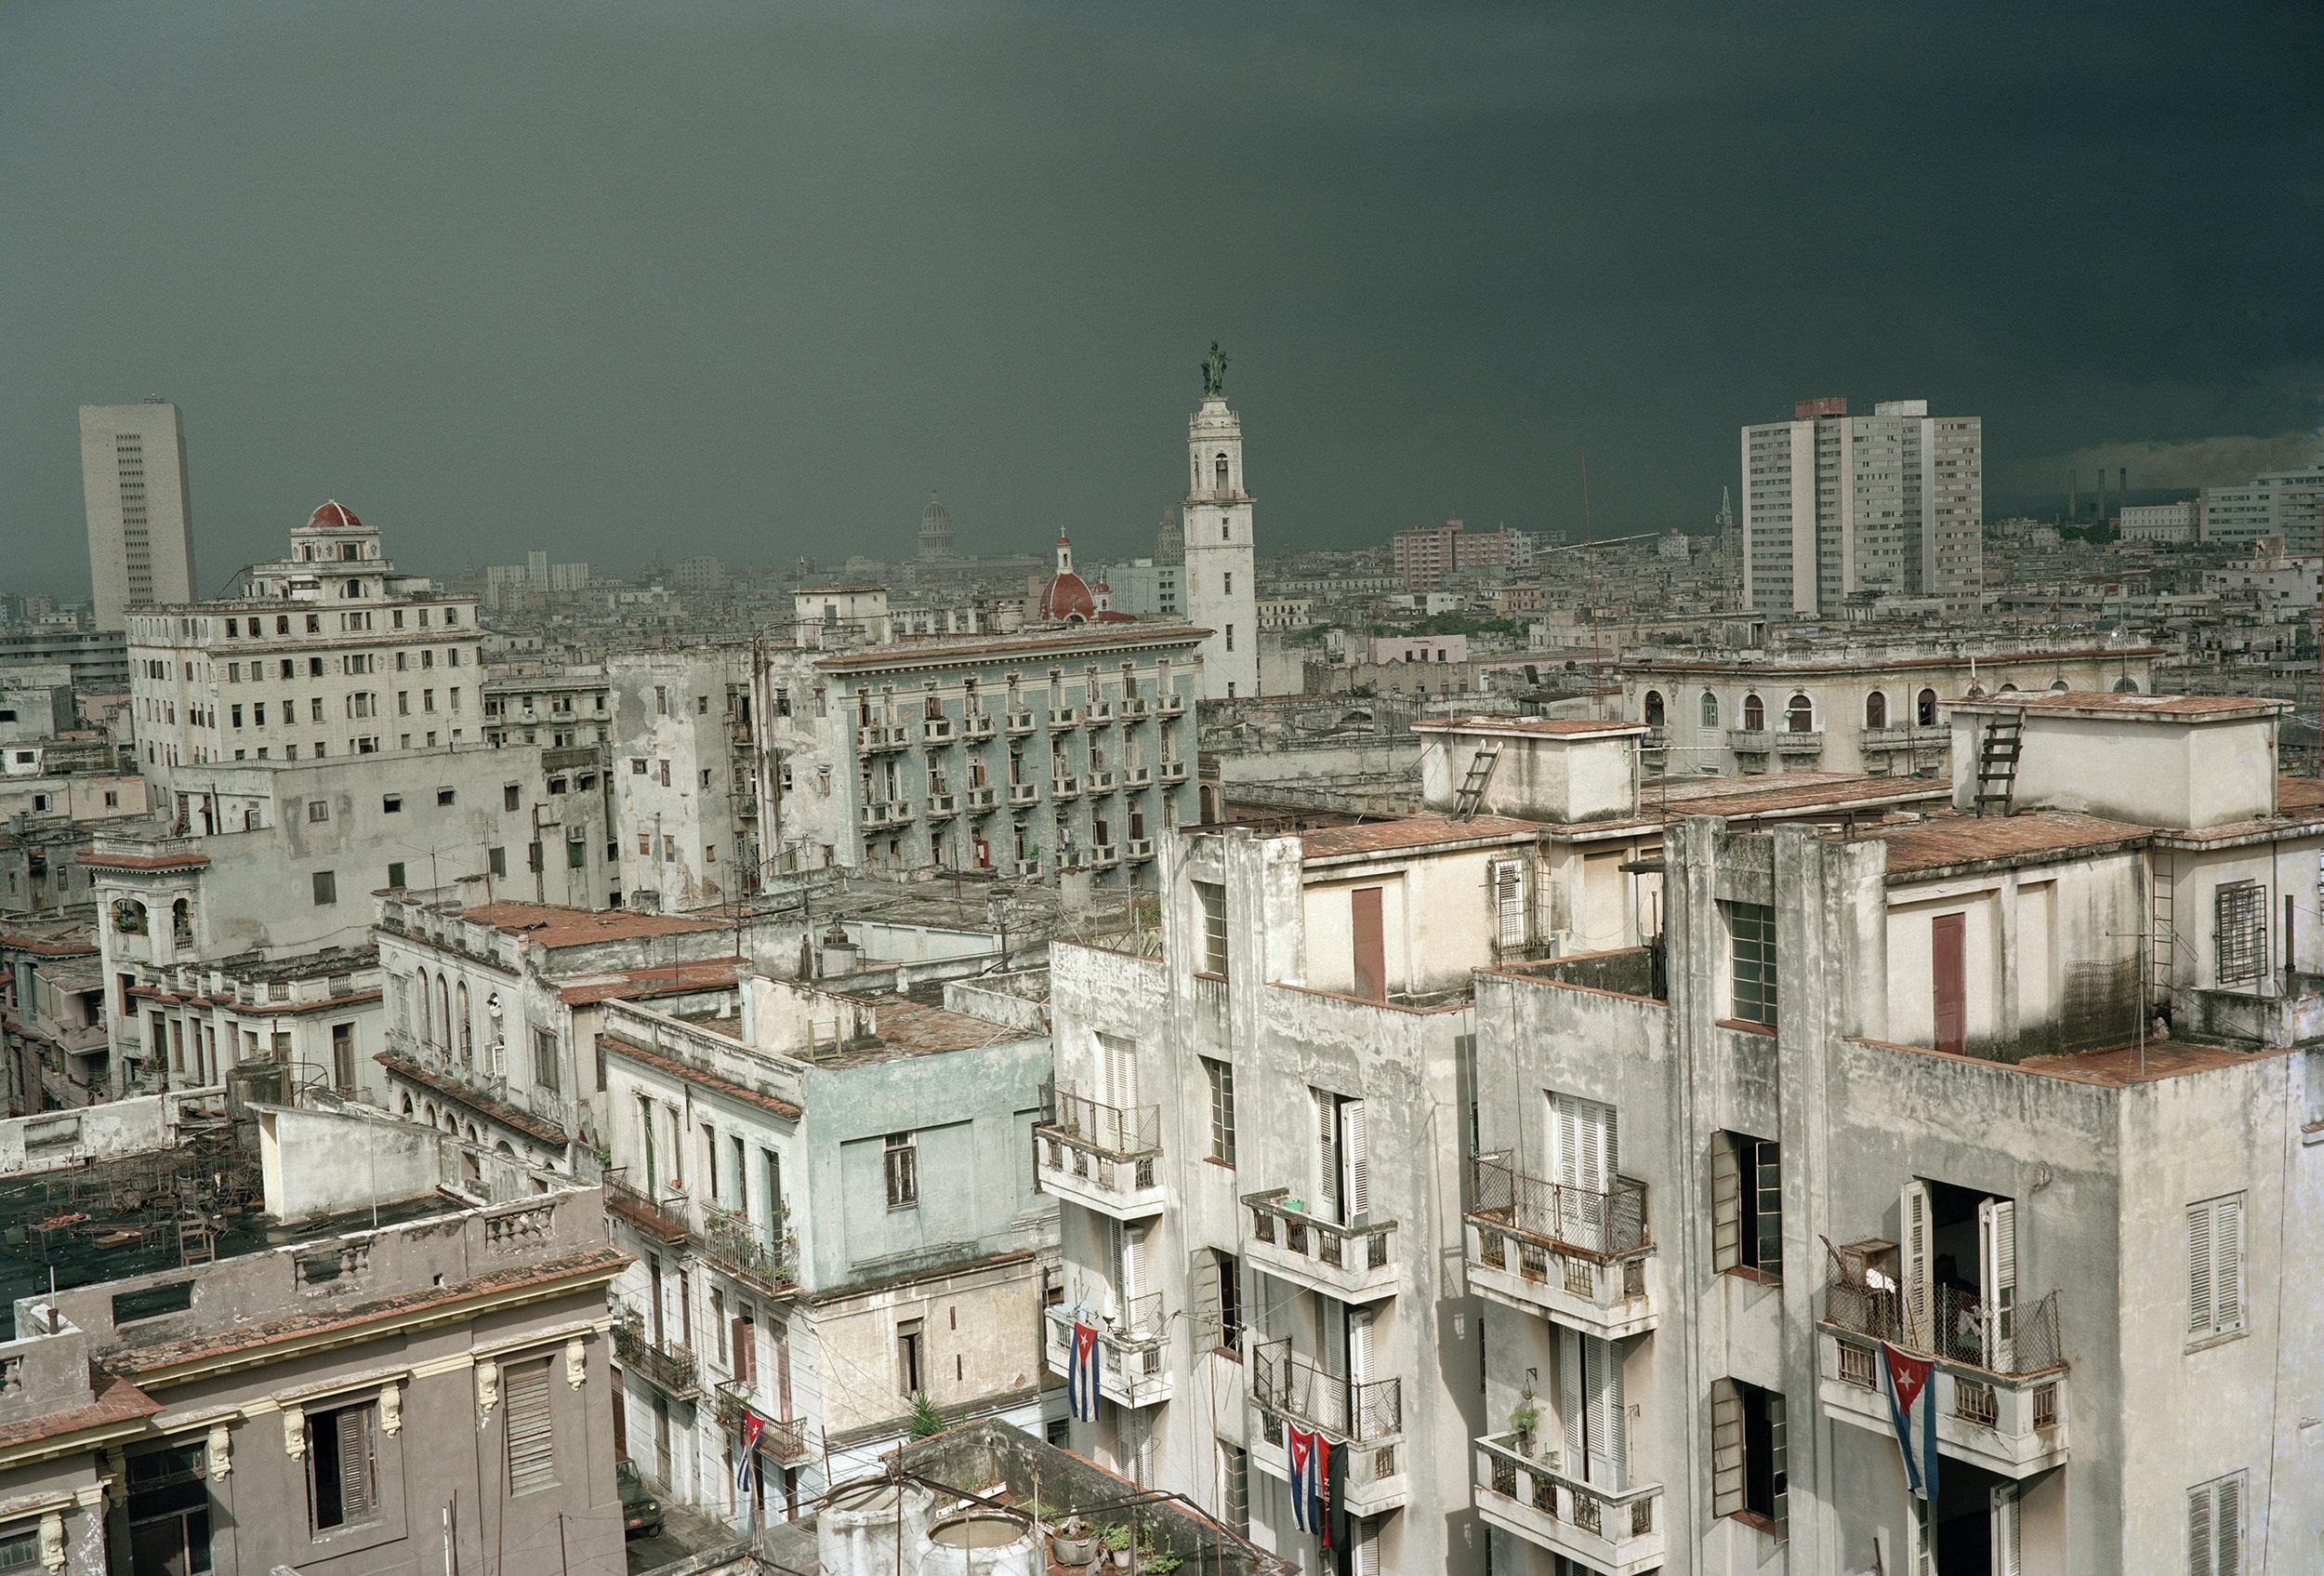 View on July 26-Havana, Cuba